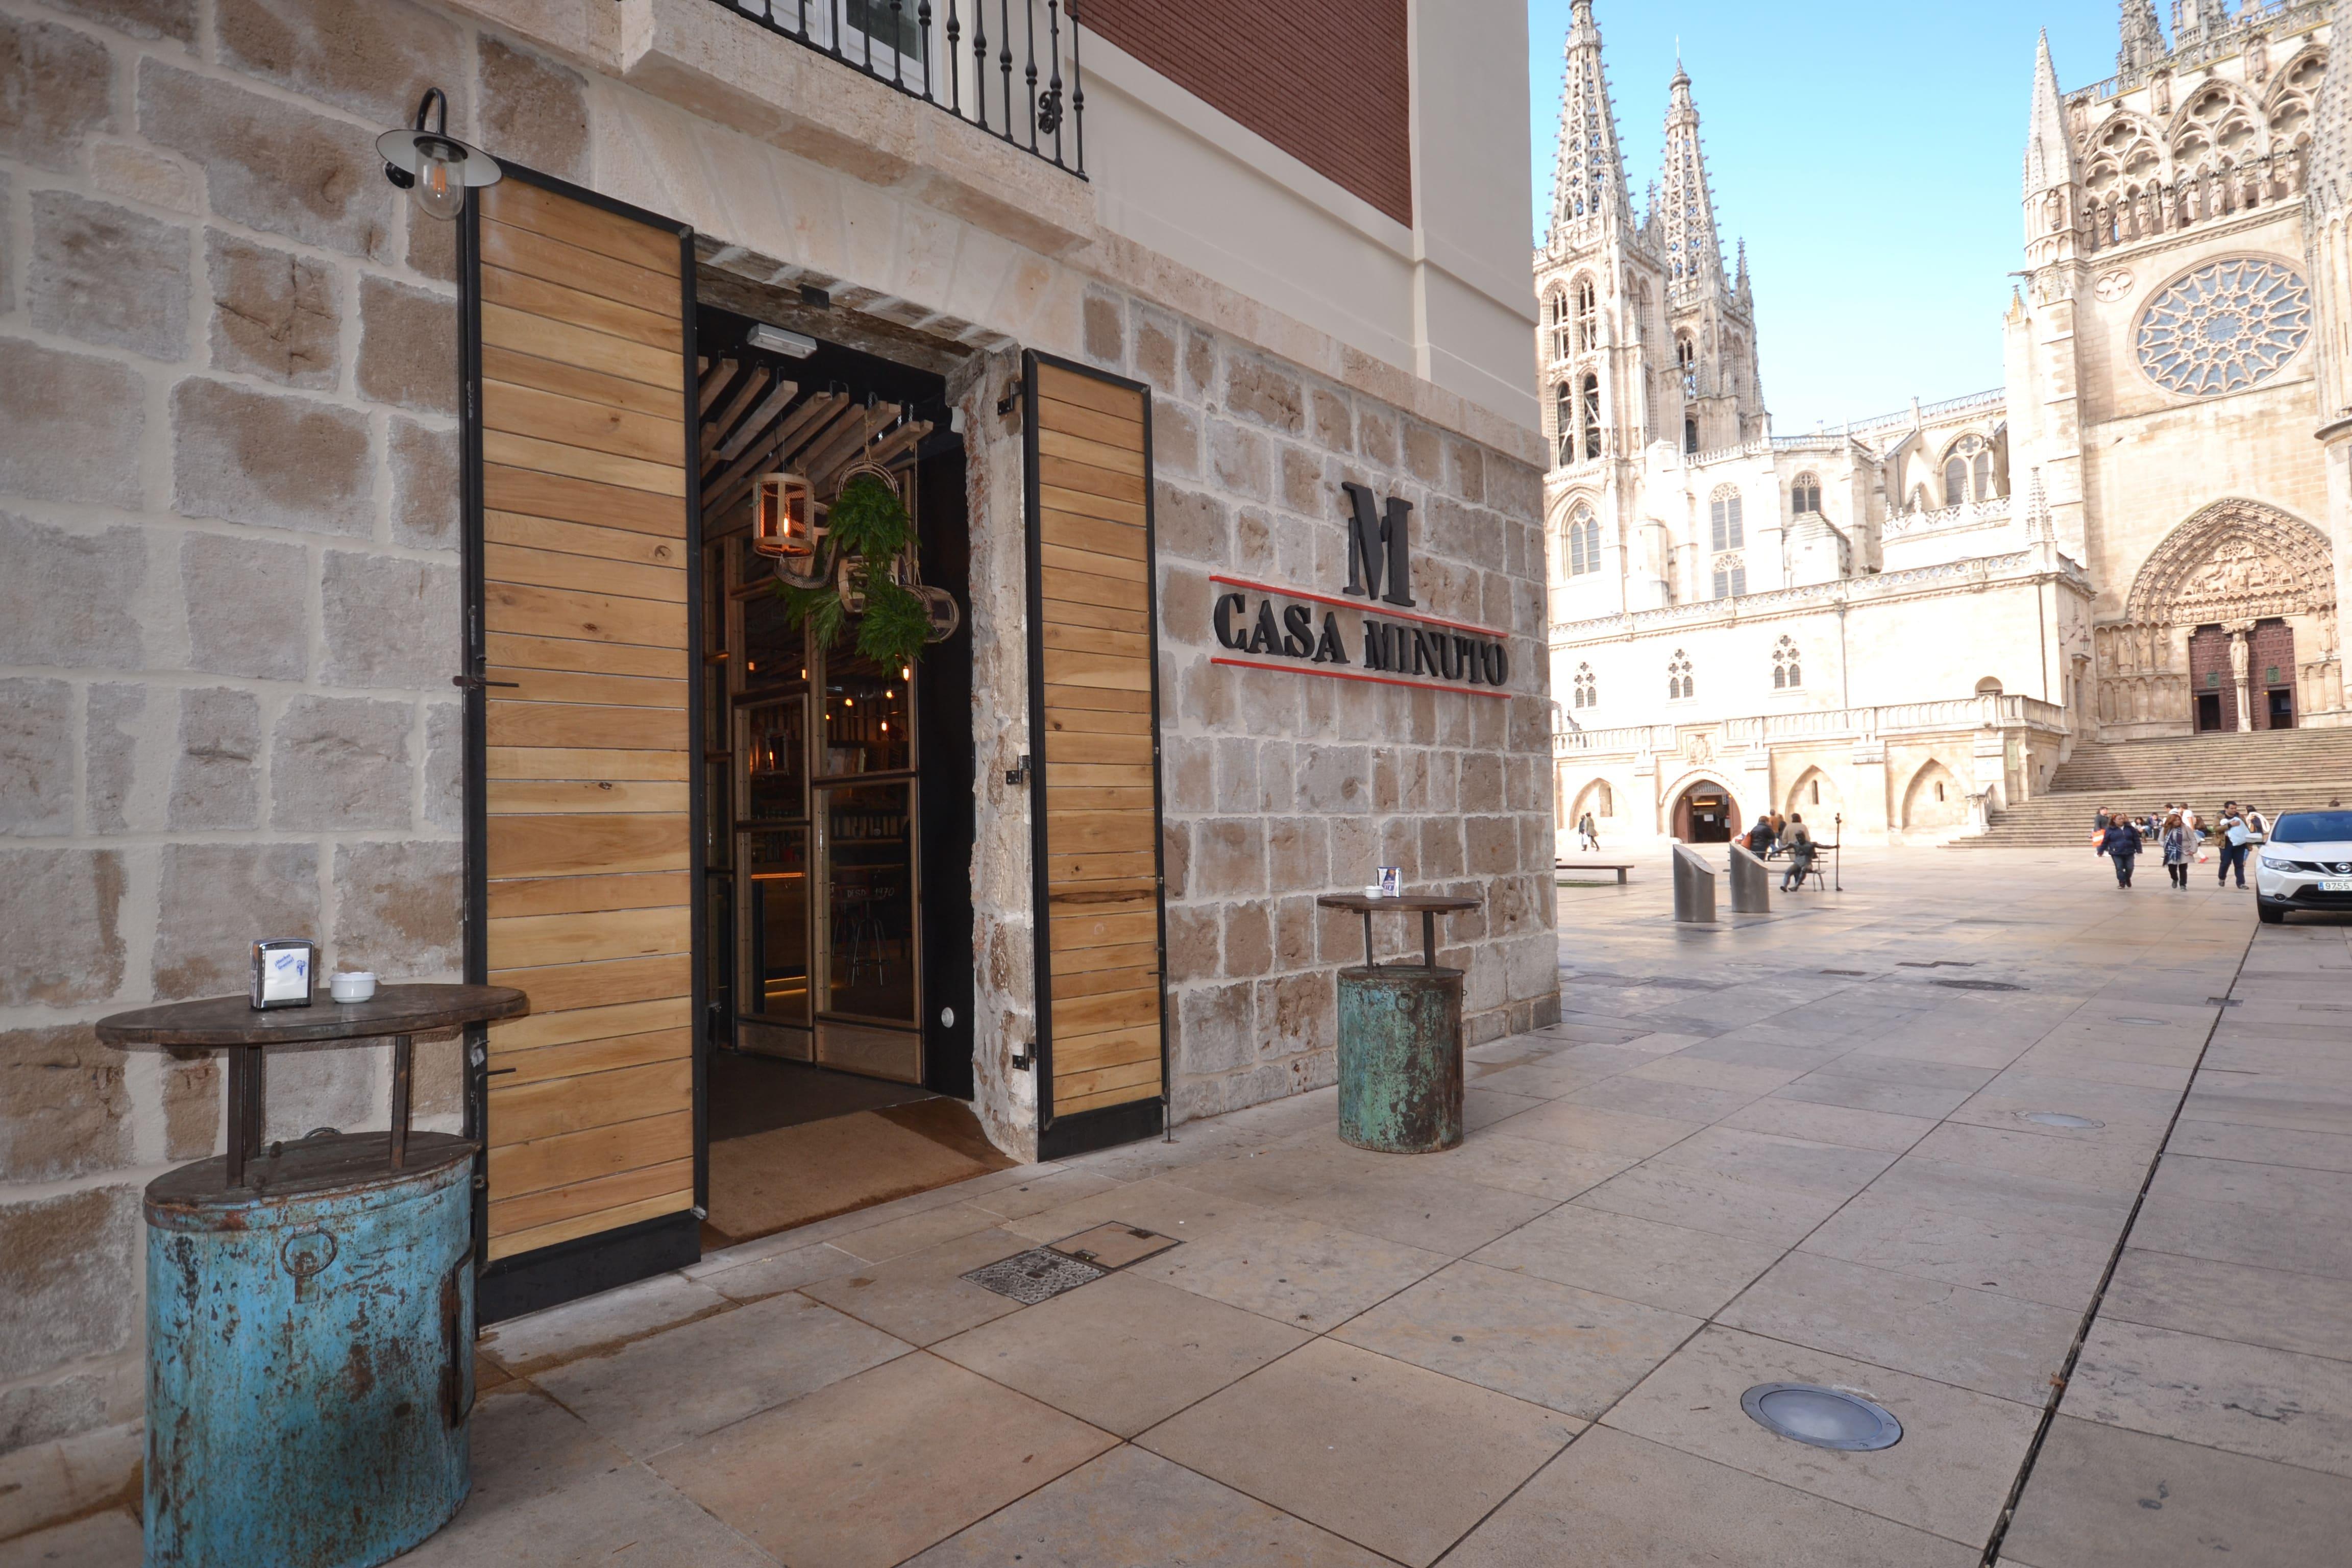 Foto fachada Casa Minuto. y Catedral de Burgos